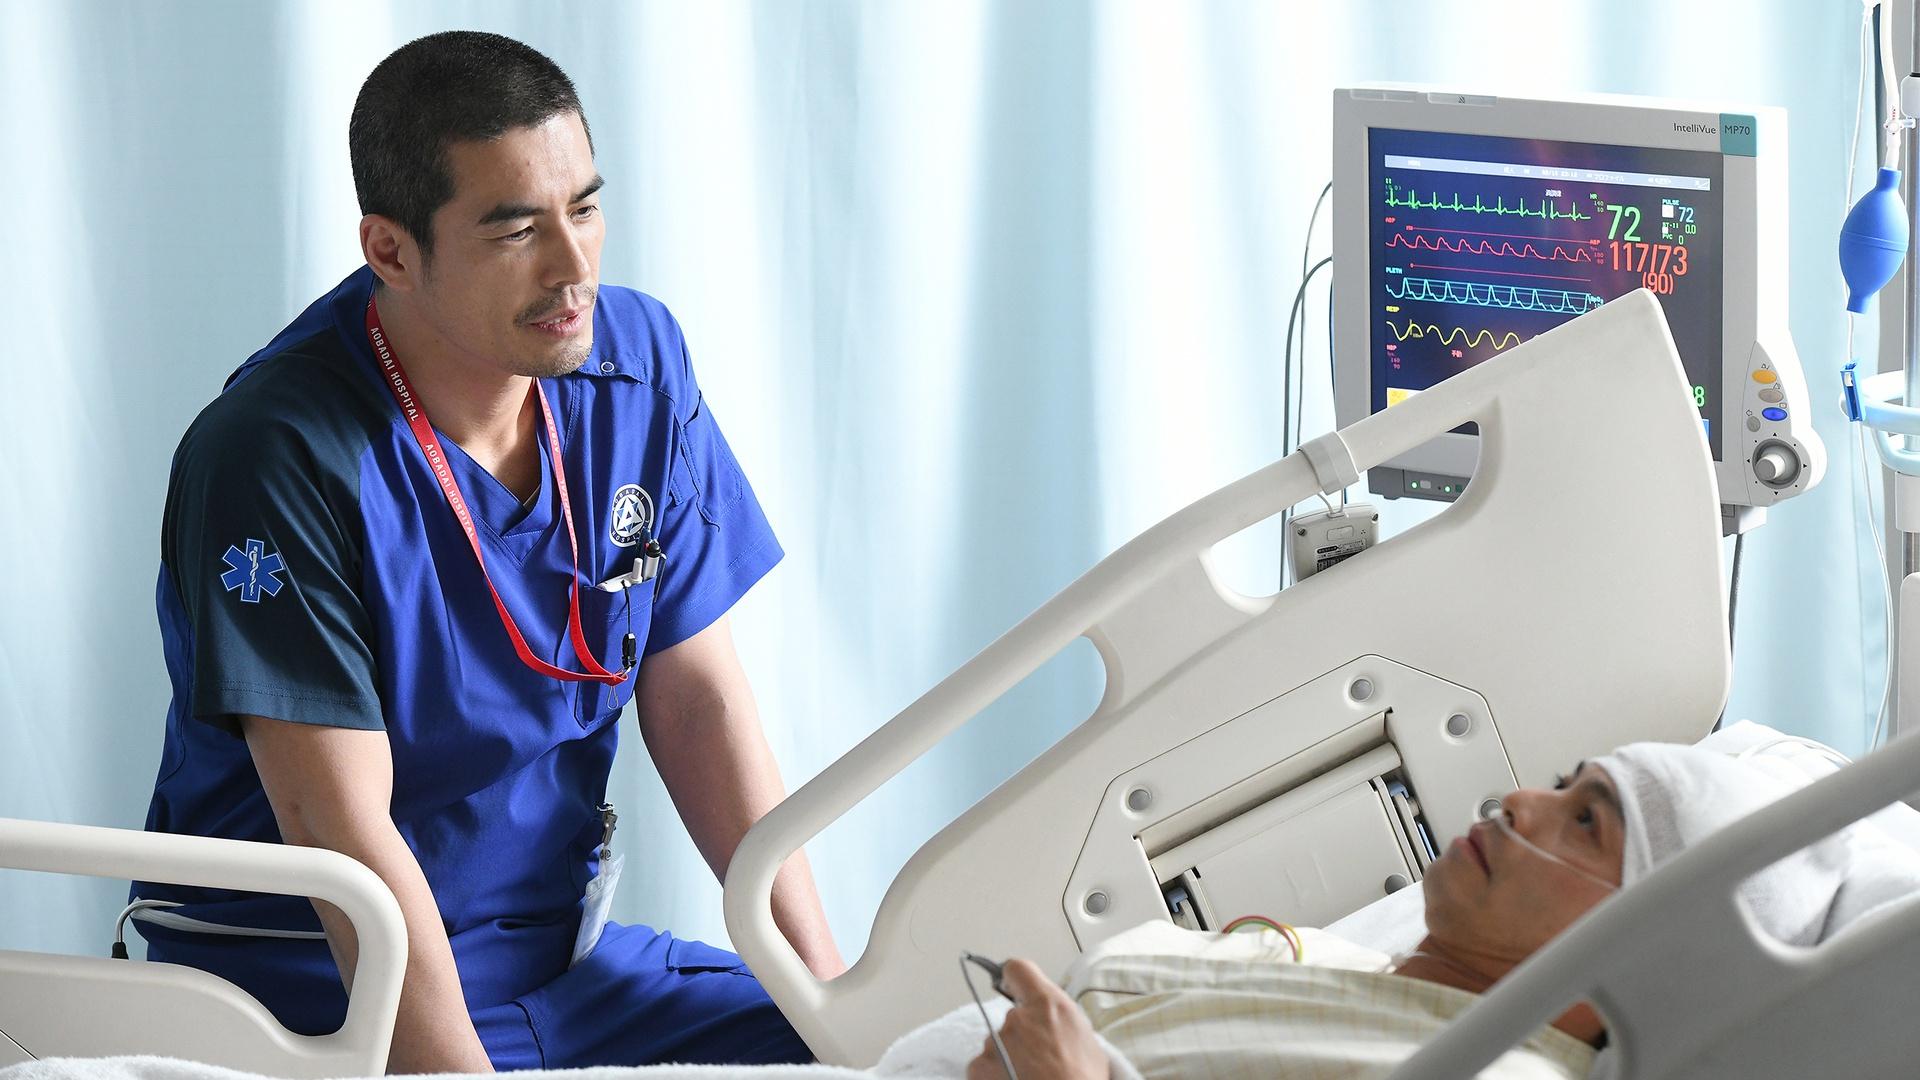 病室で念仏を唱えないでください 第6話 患者は嘘をつく?僧医の心